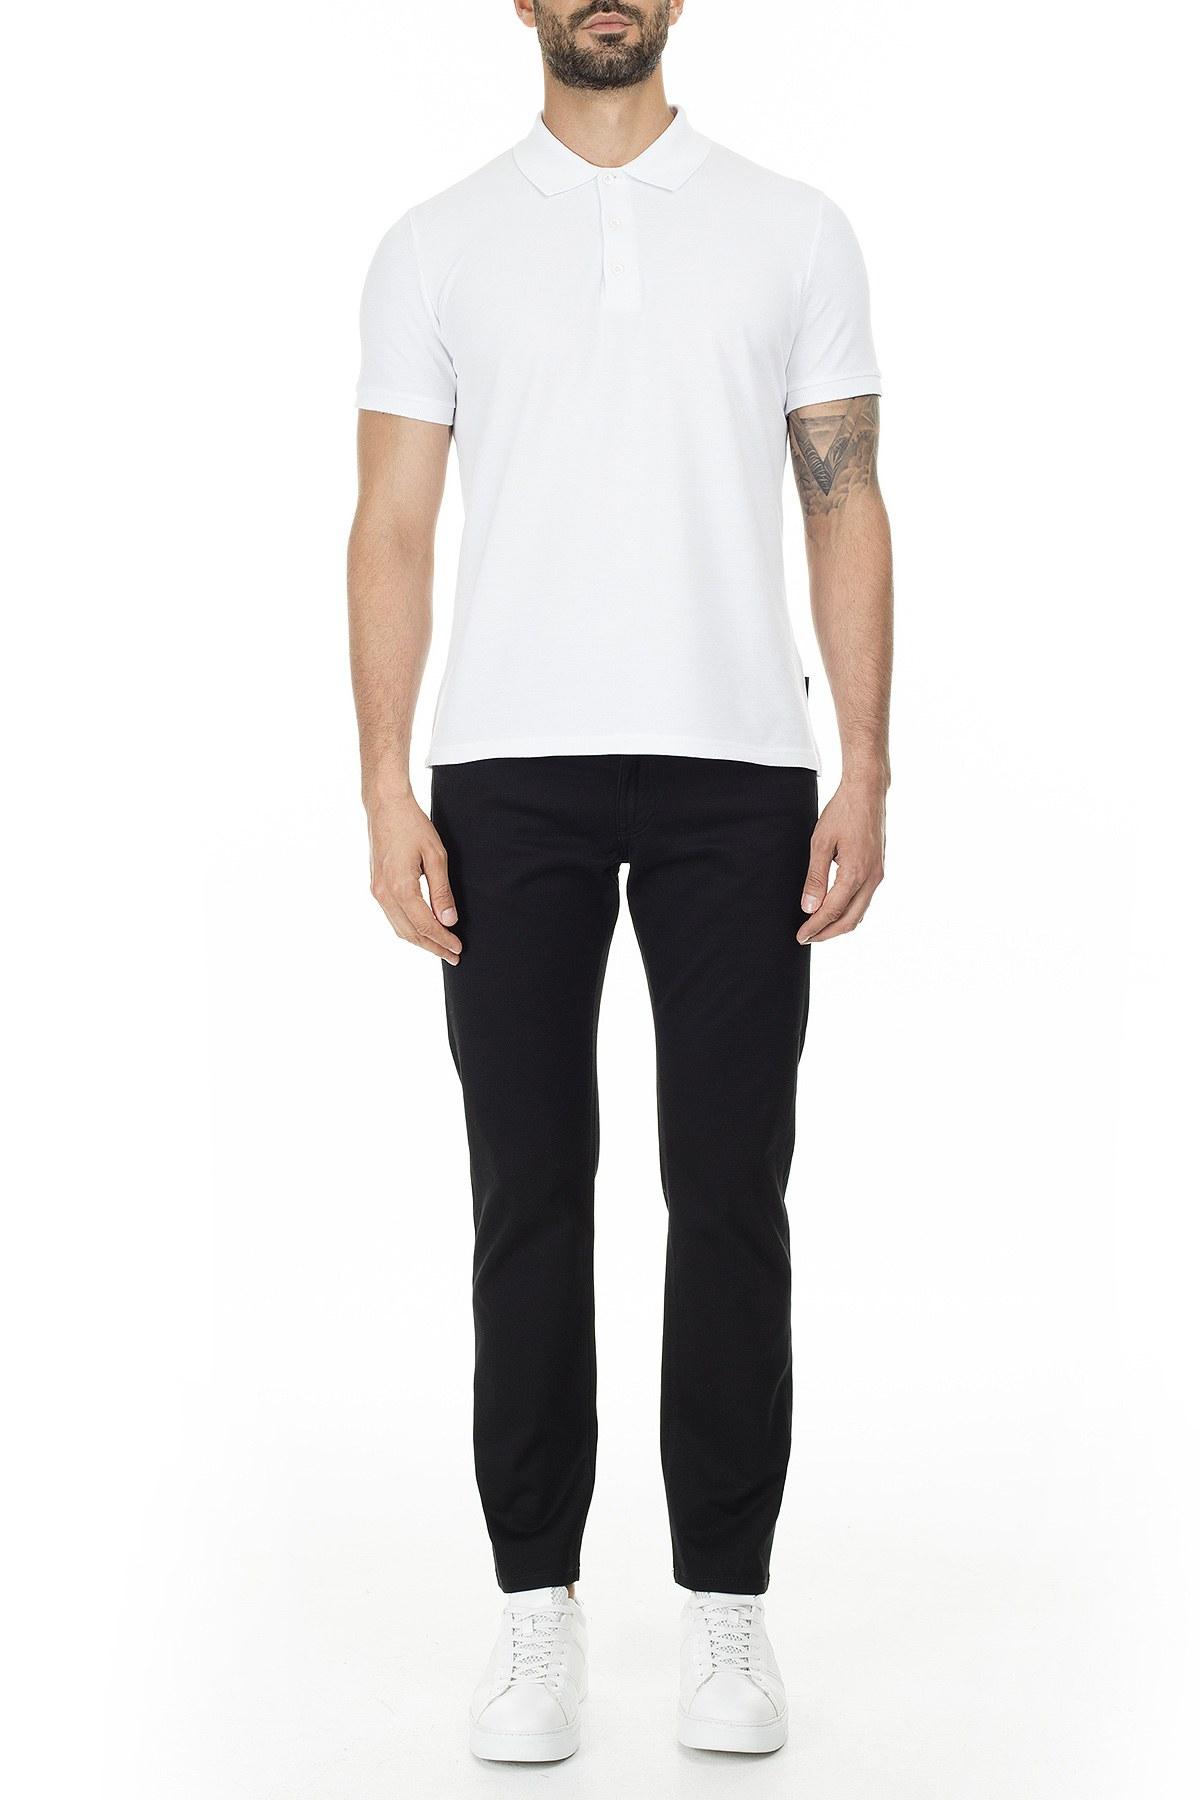 Armani Exchange Slim Fit J13 Jeans Erkek Pamuklu Pantolon 3HZJ13 ZNHBZ 1200 SİYAH